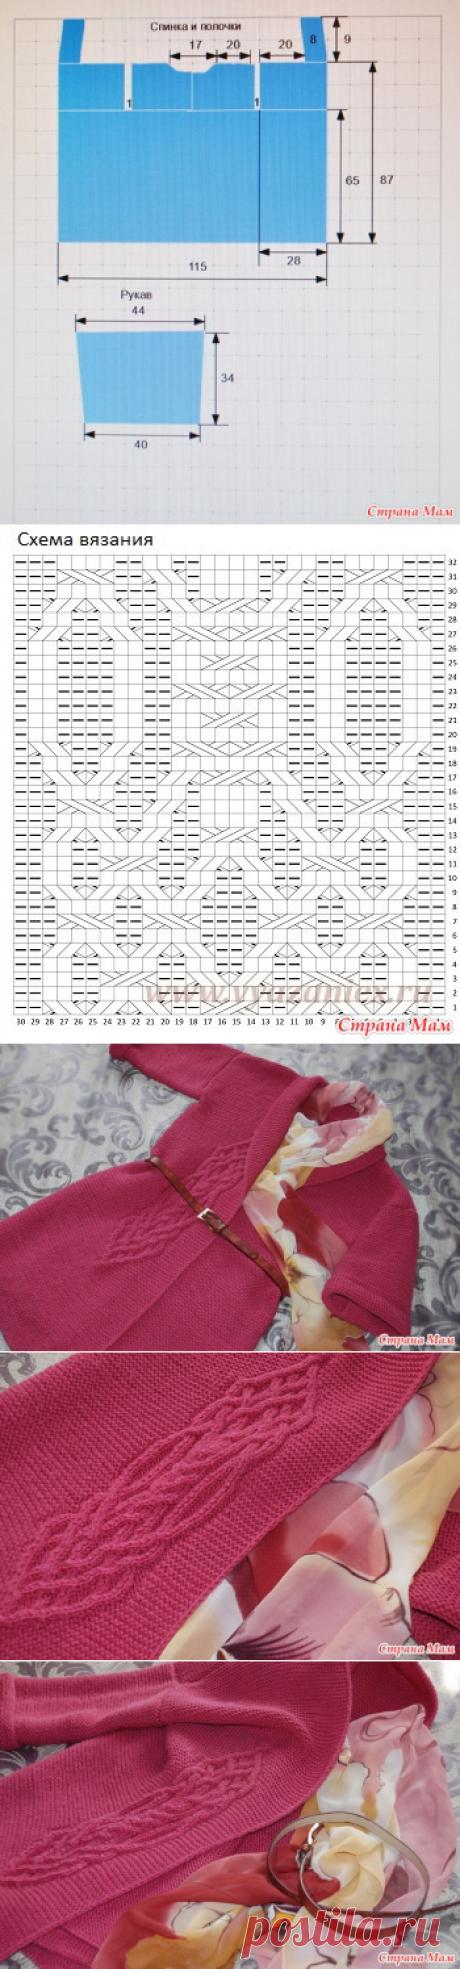 Кардиган моей мечты платочной вязкой с аранами - Вязание - Страна Мам